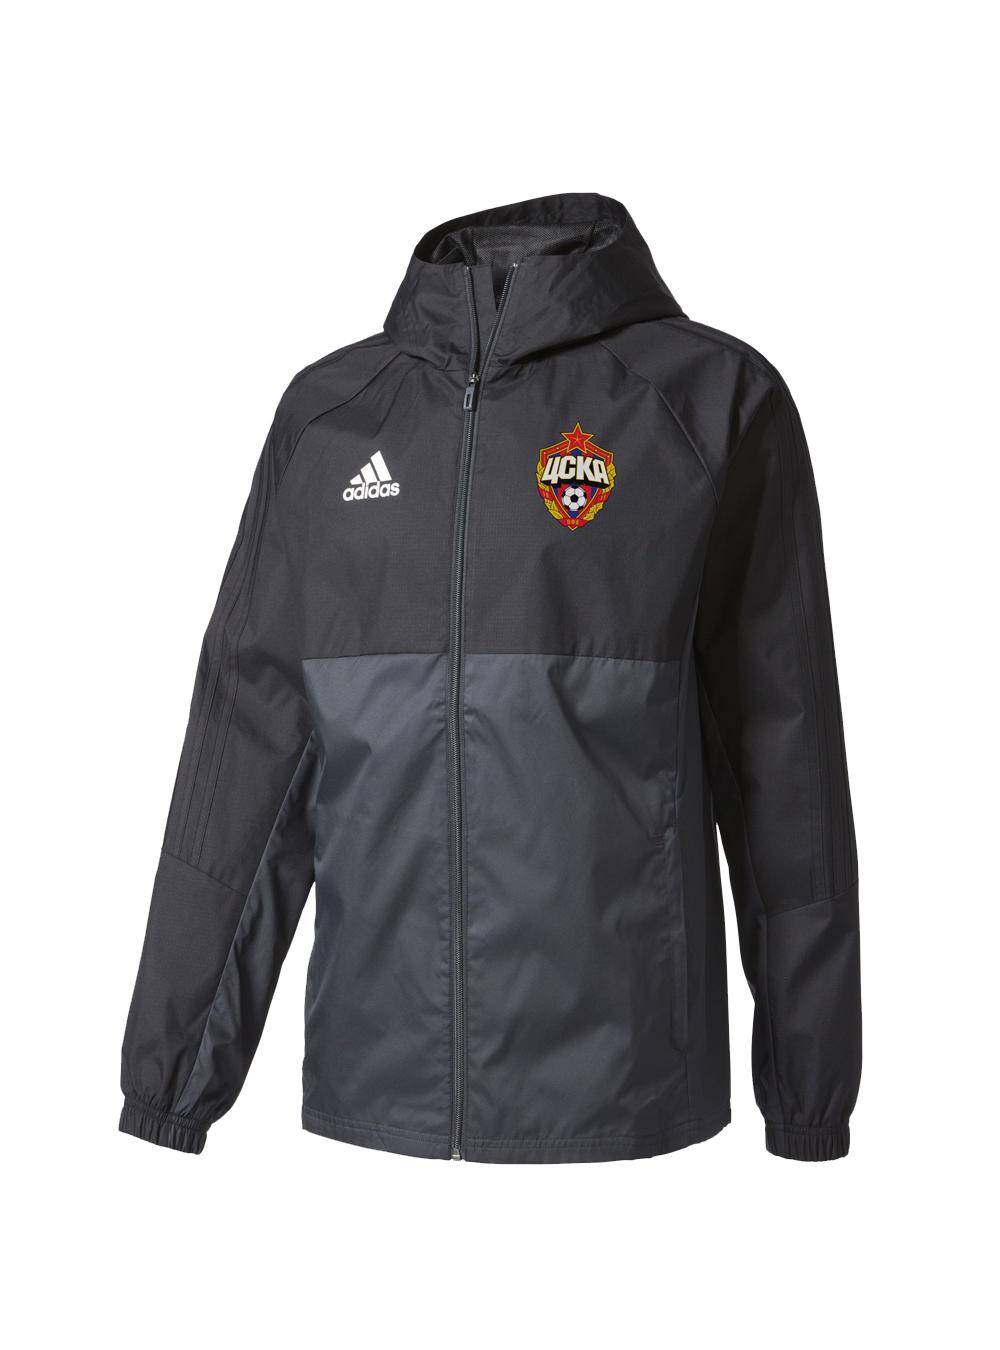 Куртка ветрозащитная с капюшоном, цвет черный (M)Экипировка 2017/2018<br>Куртка ветрозащитная с капюшоном, цвет черный<br>